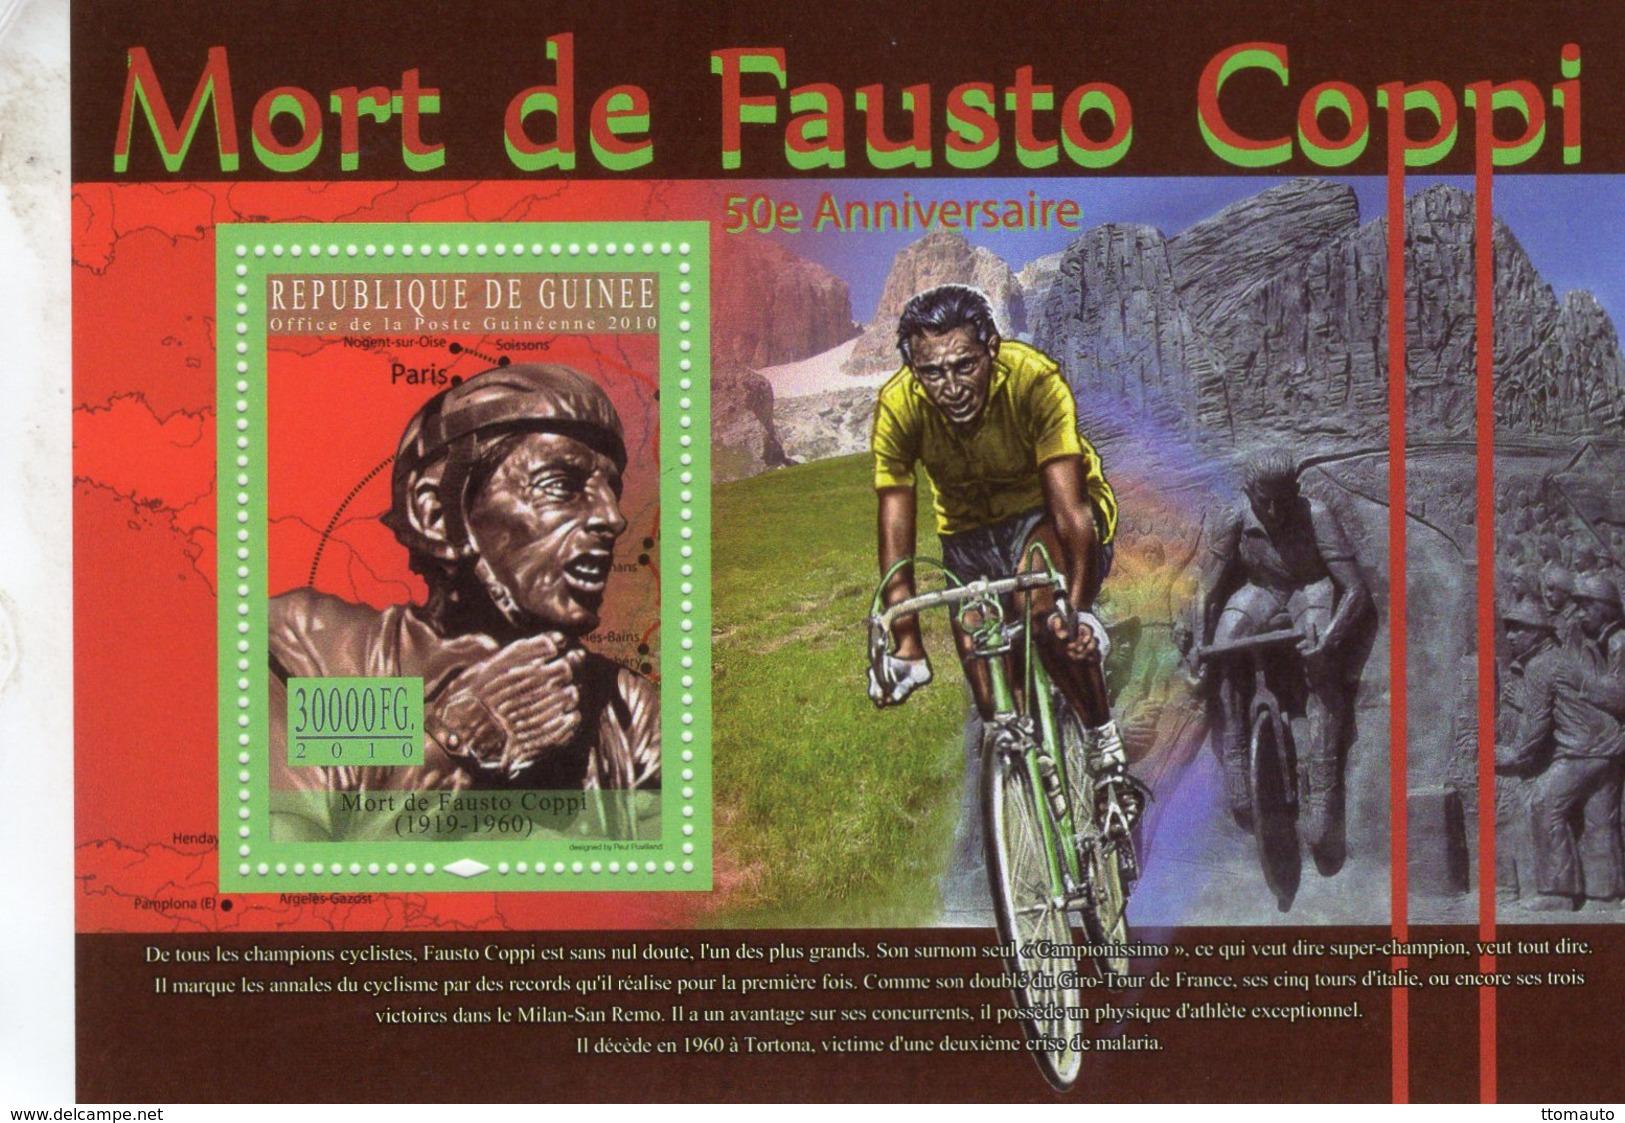 Mort De Fausto Coppi  -  Republique De Guinée 2010   -  1v Sheet - Neuf/Mint/MNH - Ciclismo